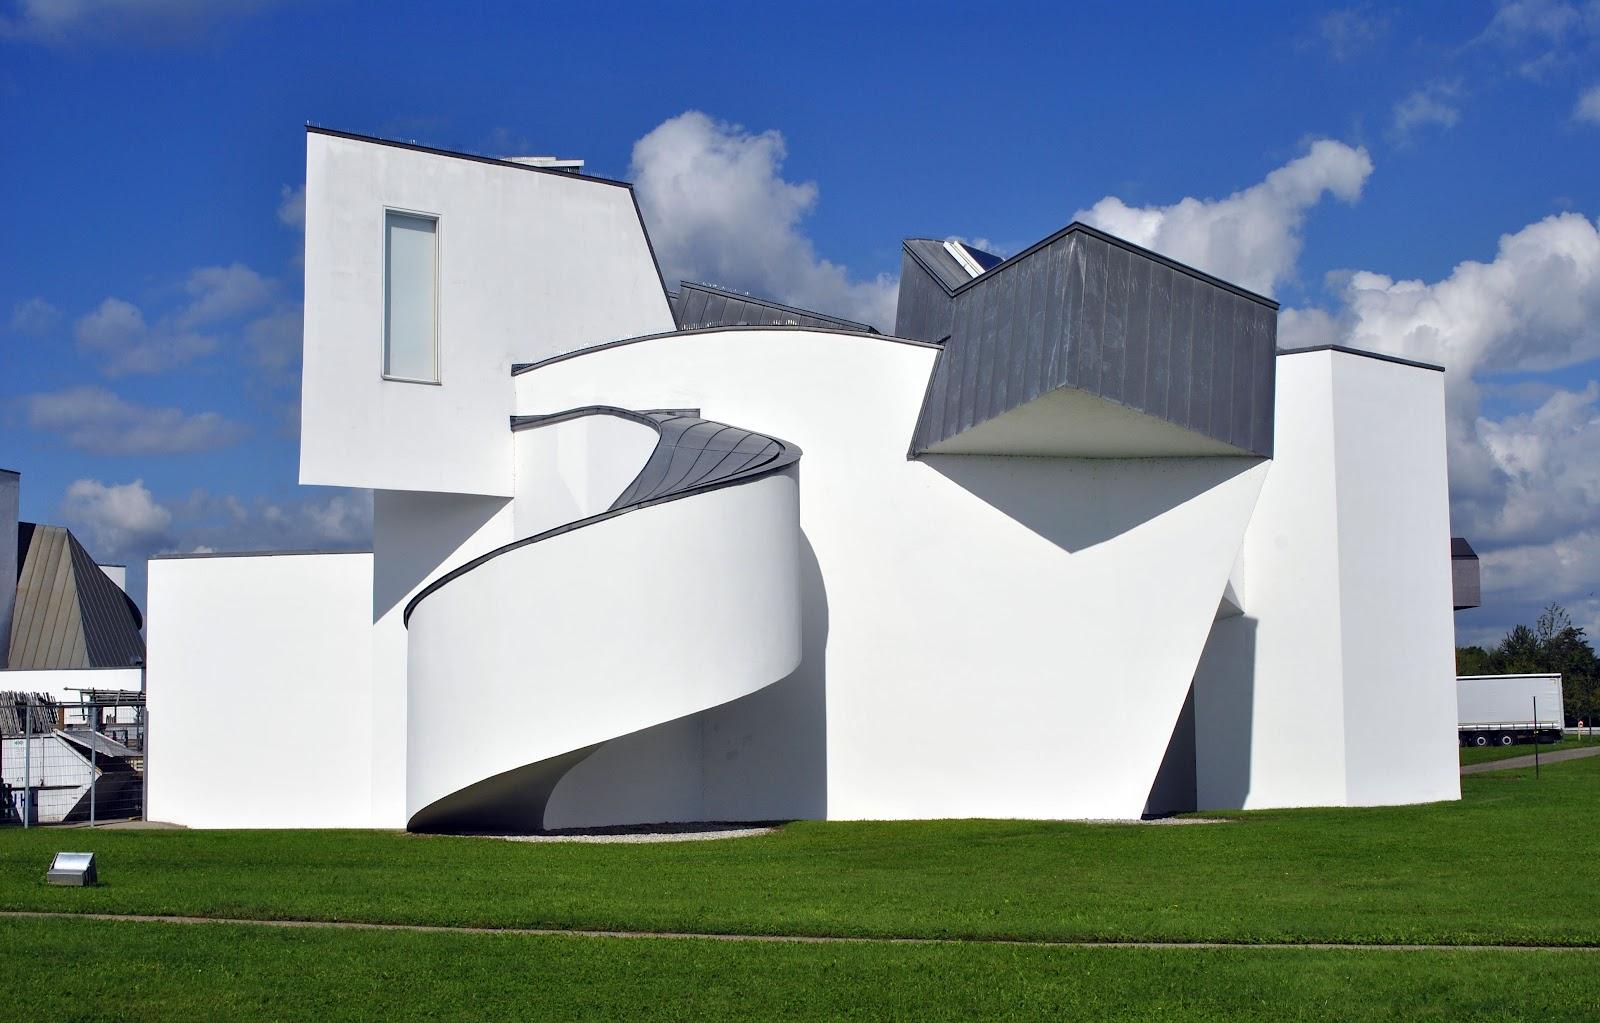 Swiss circle vitra campus leo thomas naegele for Vitra museum basel